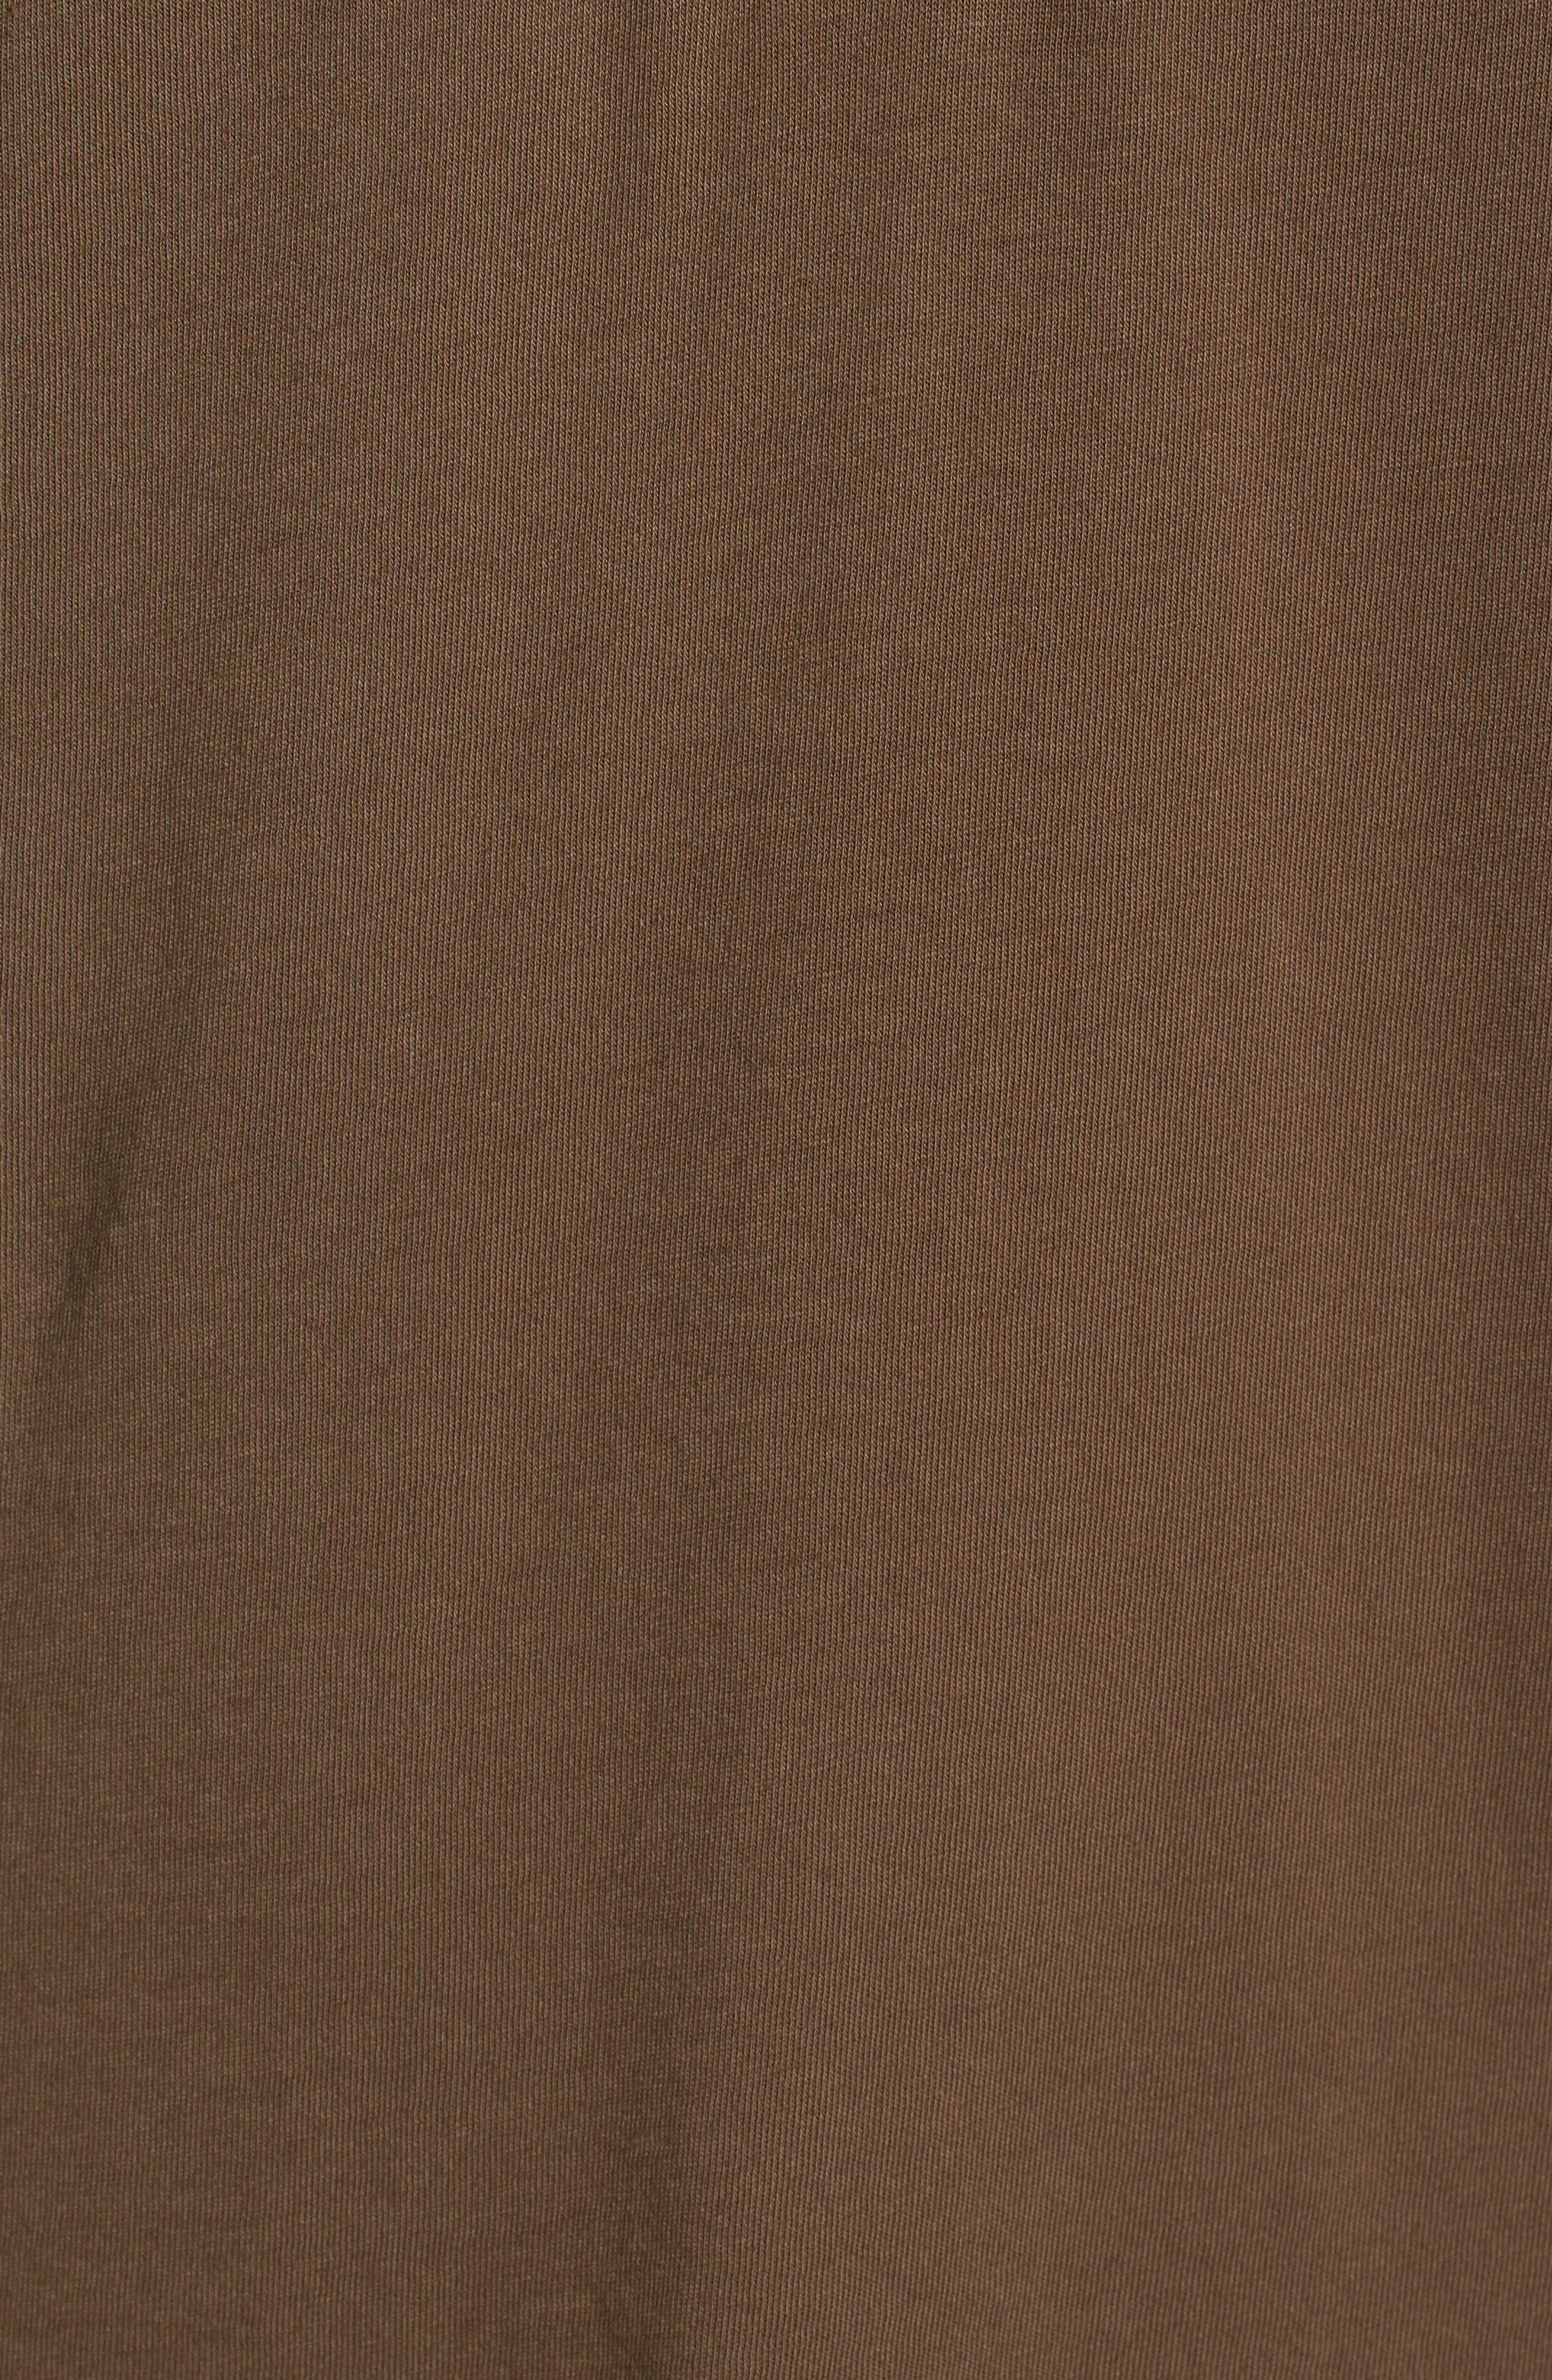 Alternate Image 5  - Velvet by Graham & Spencer Slim Fit Long Sleeve Henley